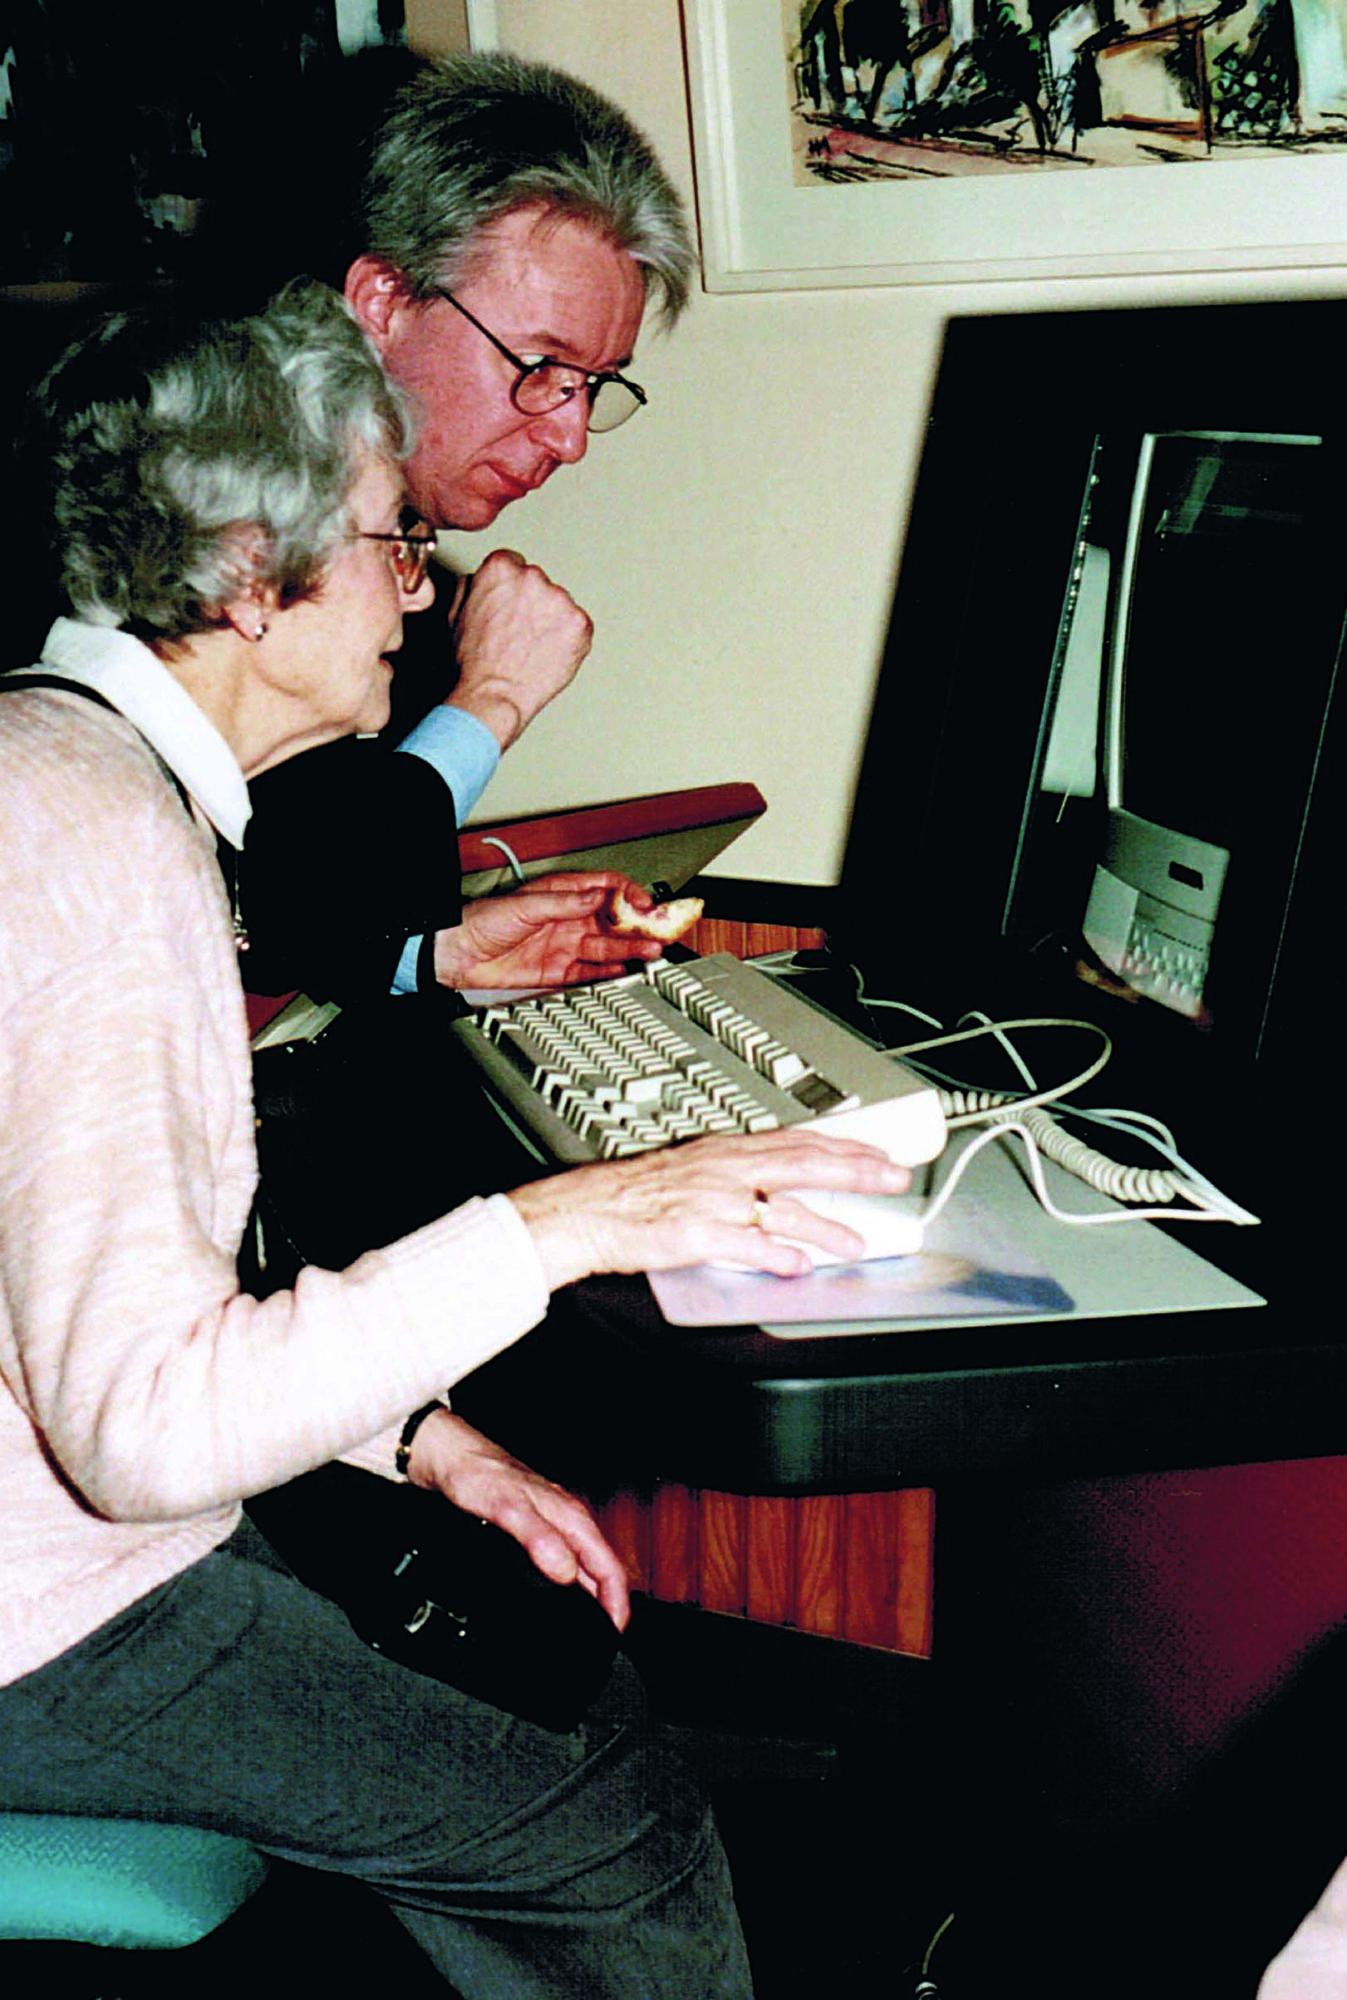 Zu sehen ist ein Mann, der sich über die Schulter einer älteren Dame lehnt. Die Dame schaut auf einen alten PC und hat die rechte Hand an der Maus.